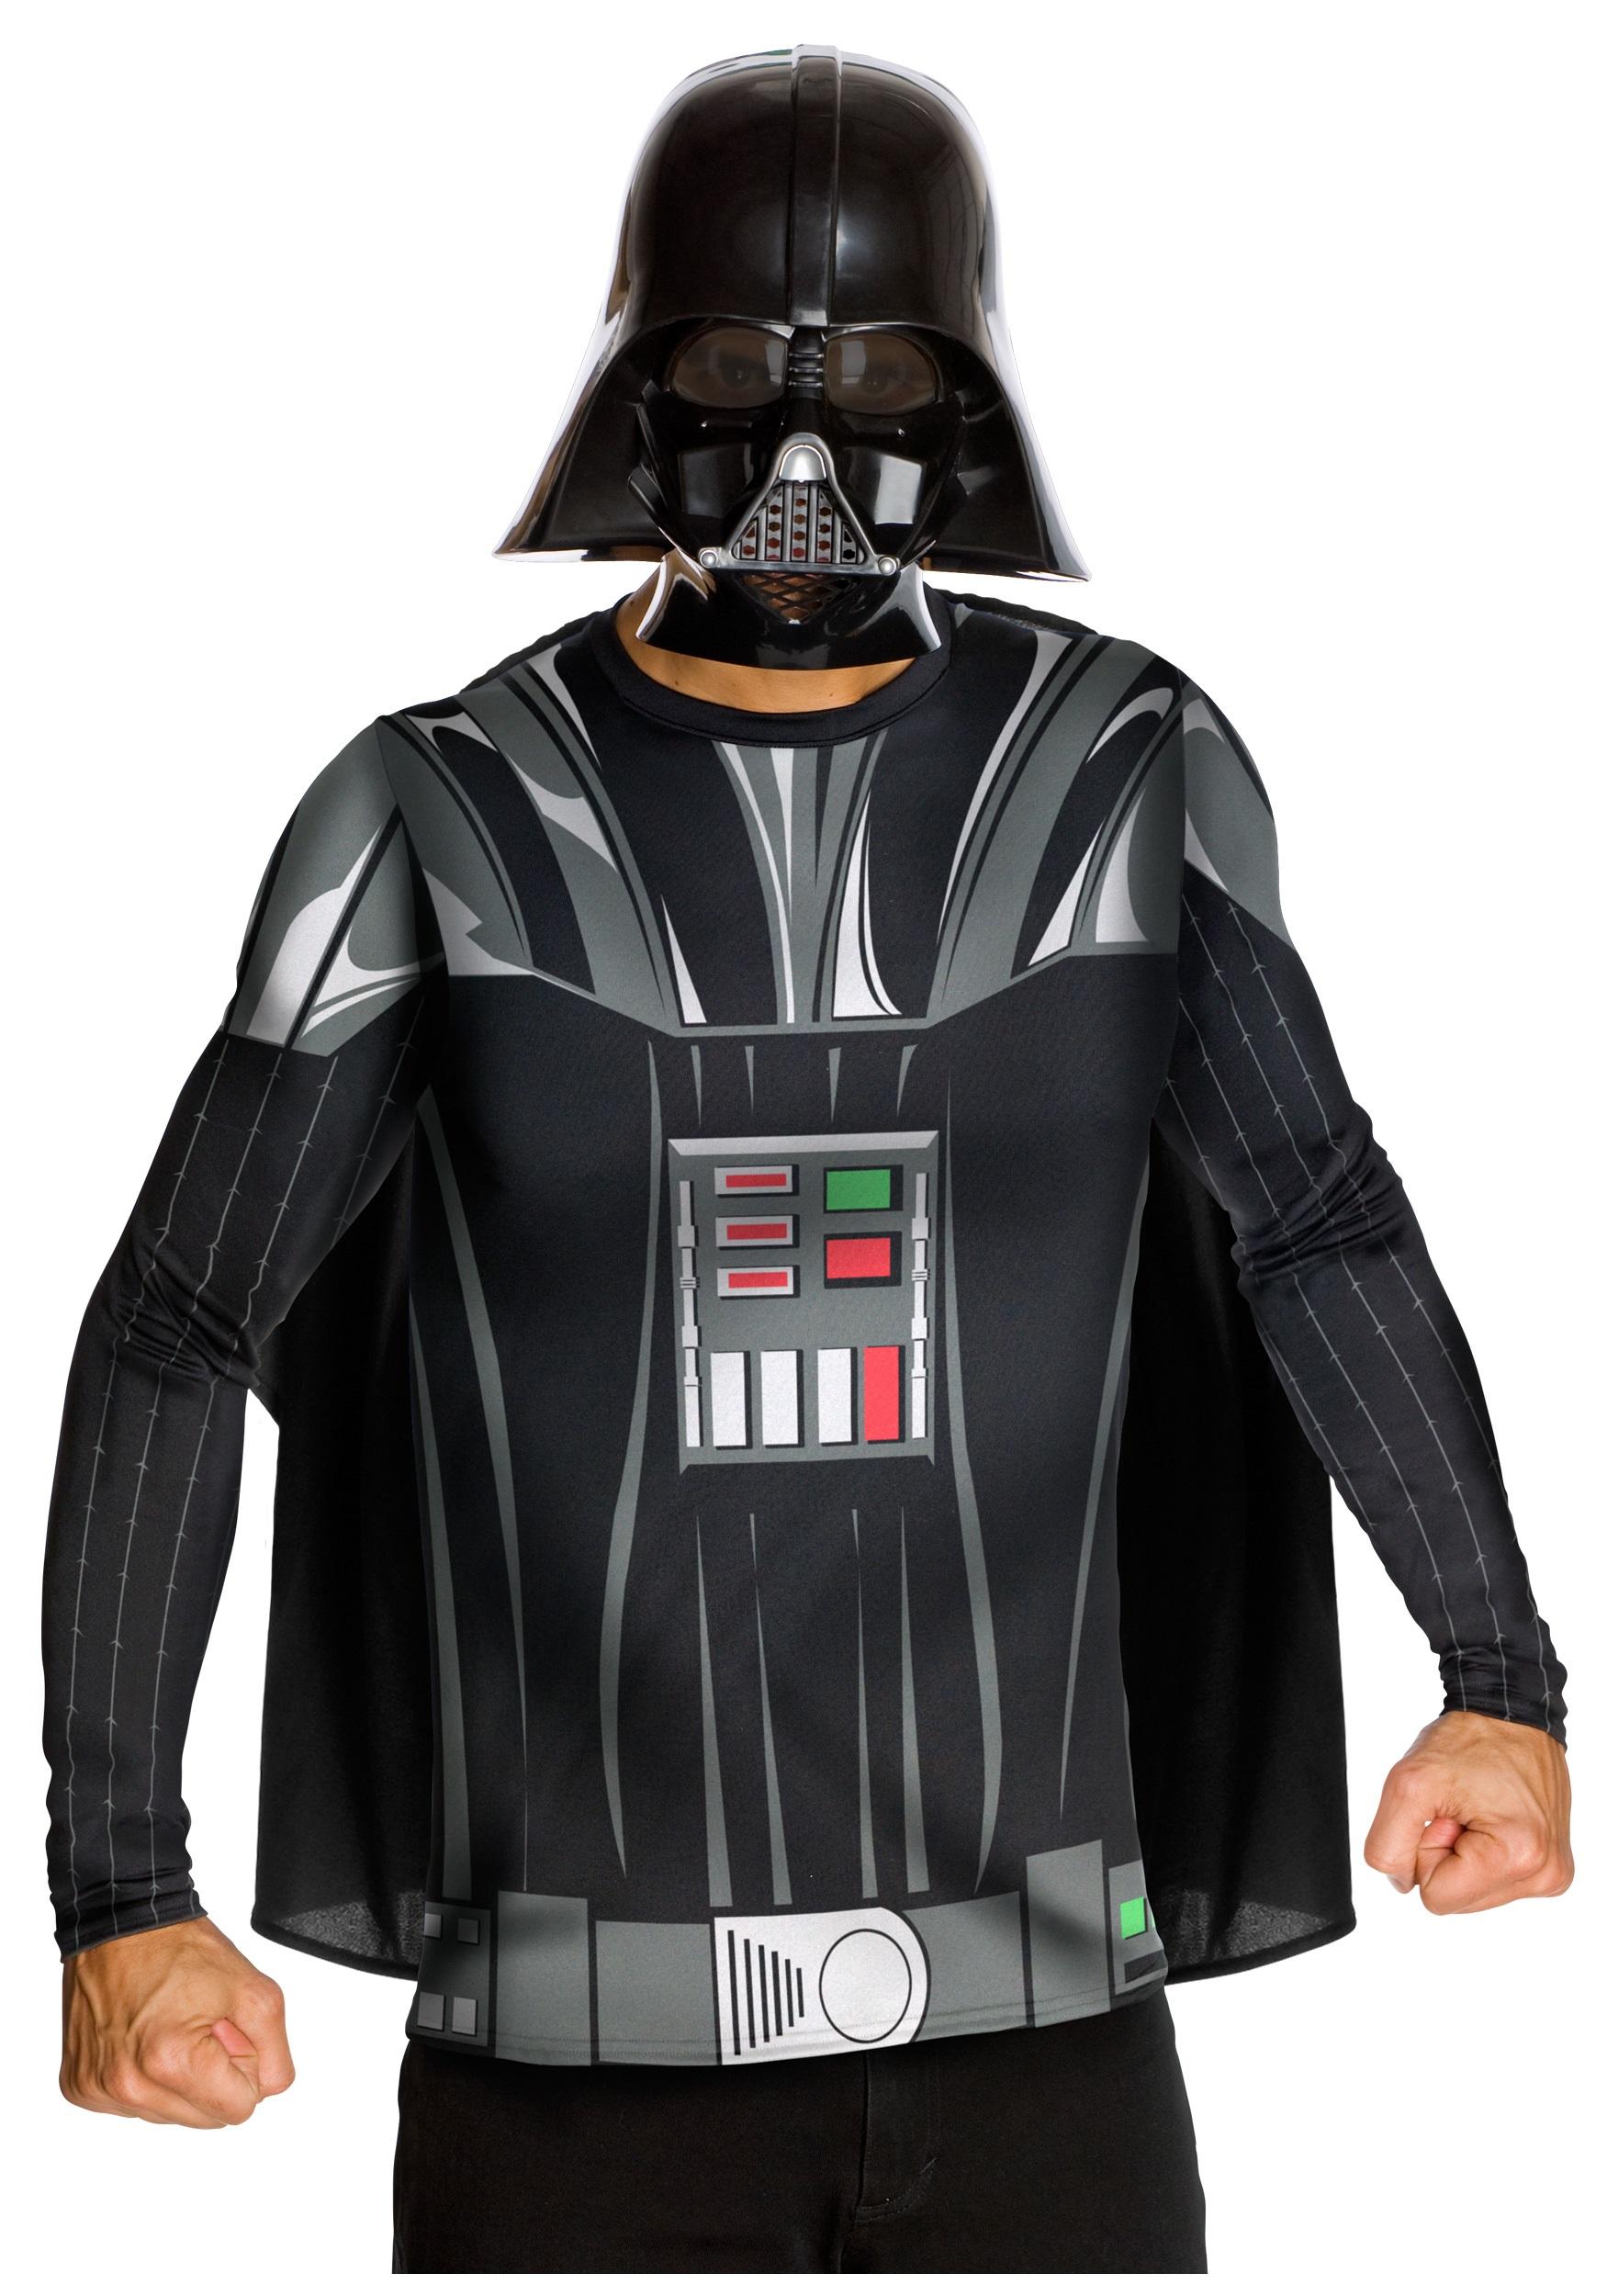 Star Wars Darth Vader Top and Mask  RU880678